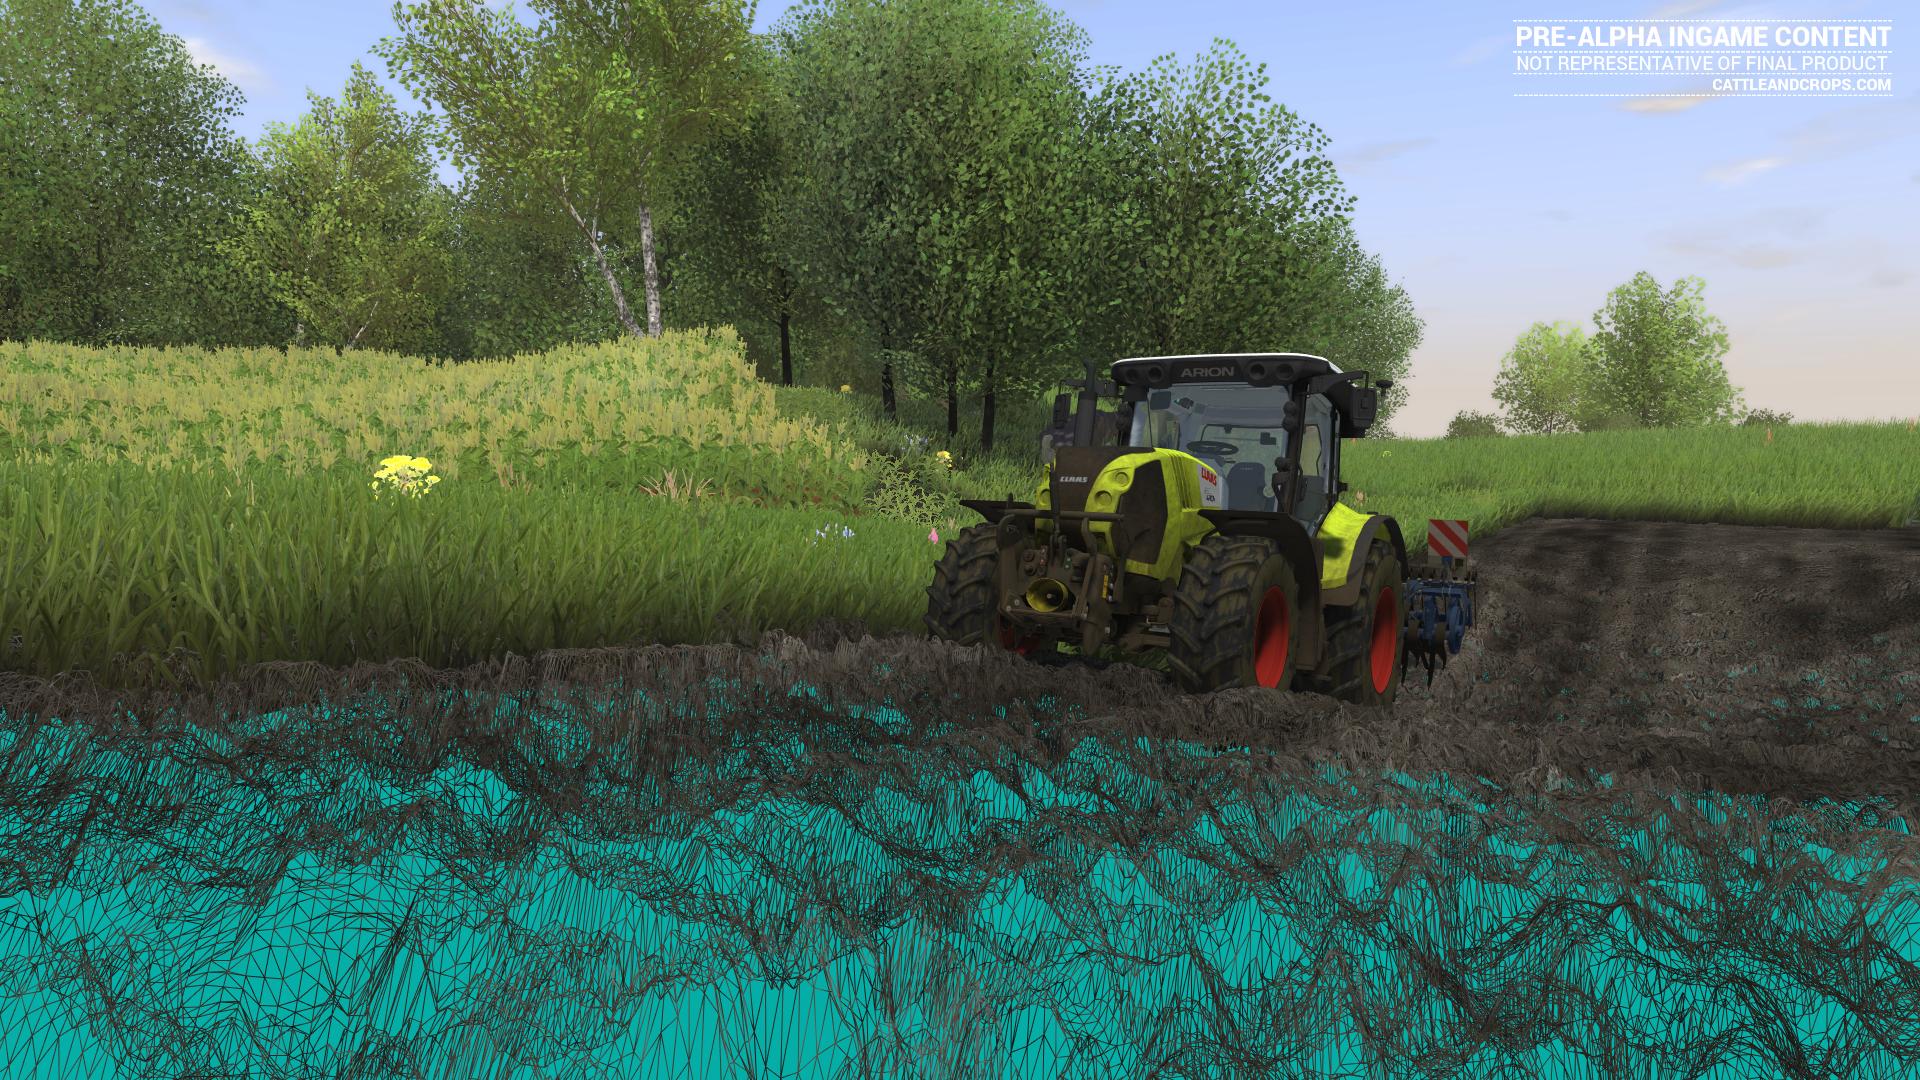 Autorům modifikací došla trpělivost, vytváří vlastní simulátor zemědělství 131488